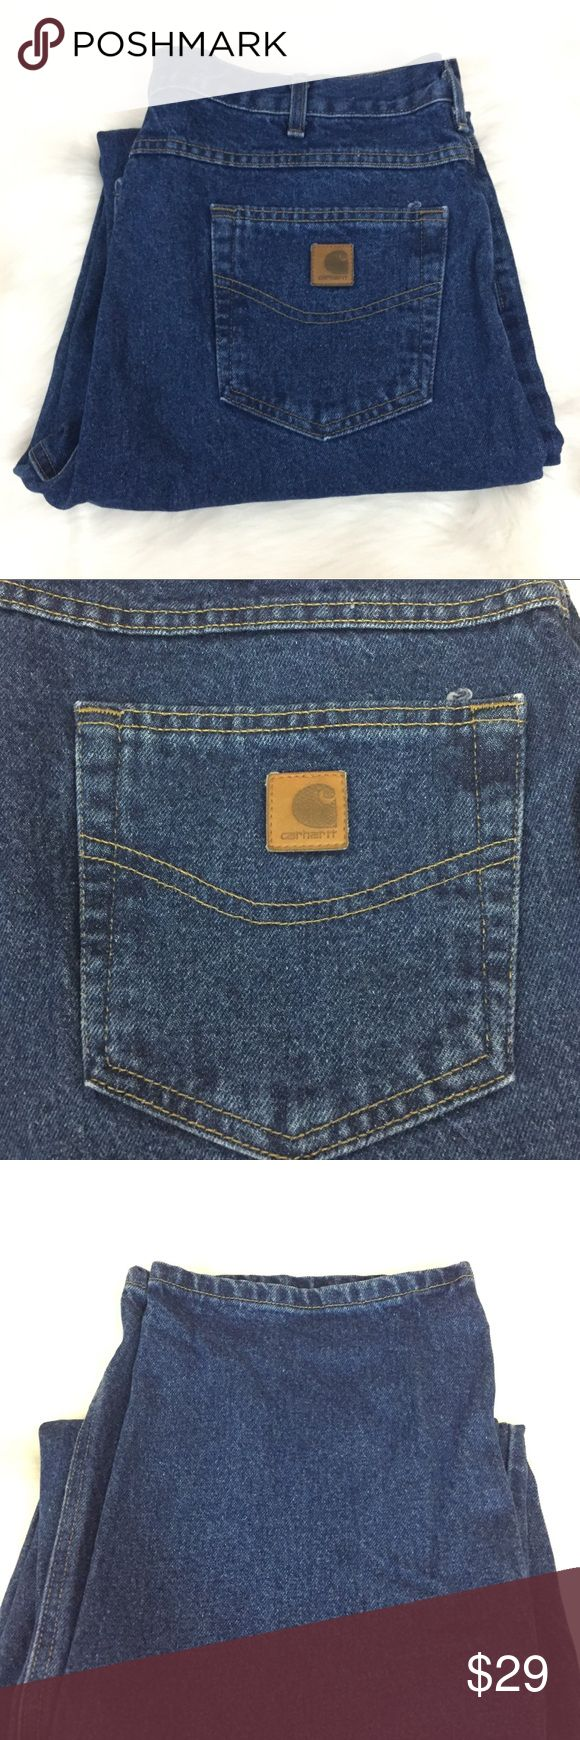 Carhartt Jeans 40 x 34 Excellent Condition Men's Great pair of men's Carhartt Jeans. Size 40 x 34.  Excellent condition.   Bin M Carhartt Jeans